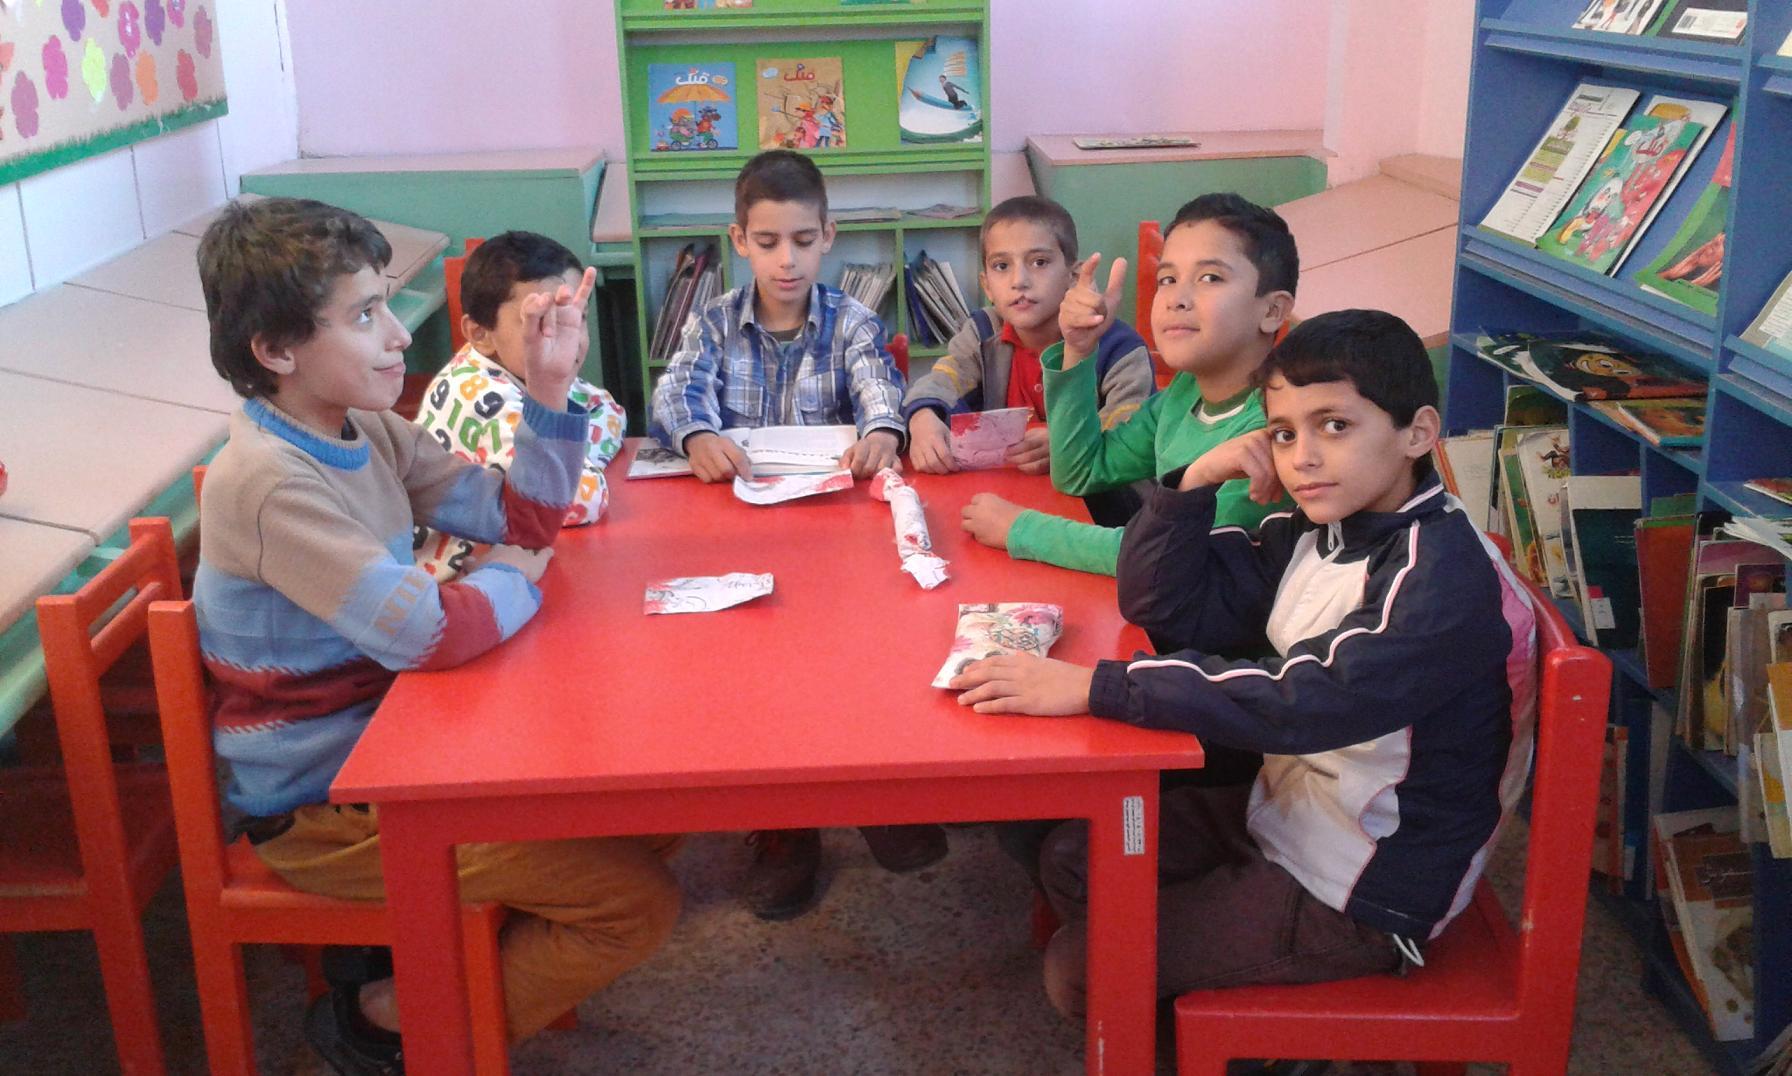 قصه خوانی کودکان در میلاد فرخنده امام حسن عسکری (ع)